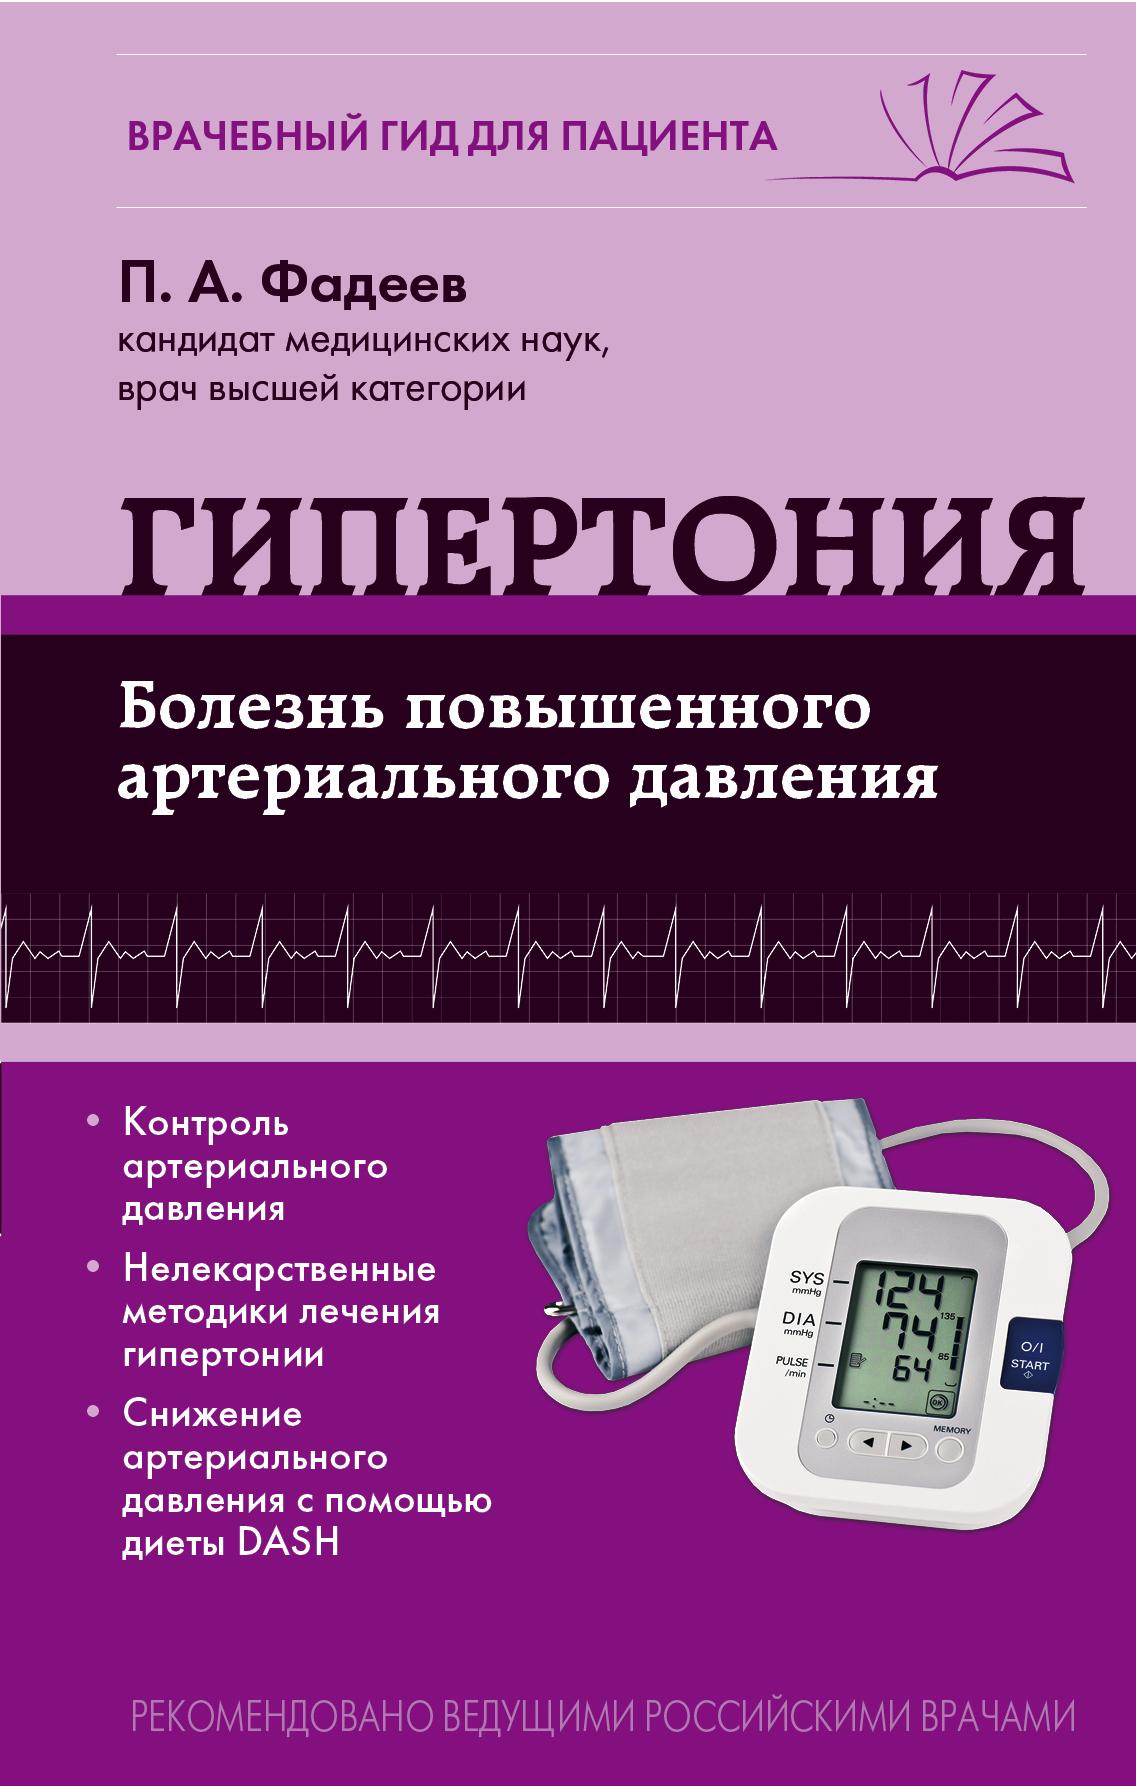 Гипертония. Болезнь повышенного артериального давления ( Фадеев П.А.  )